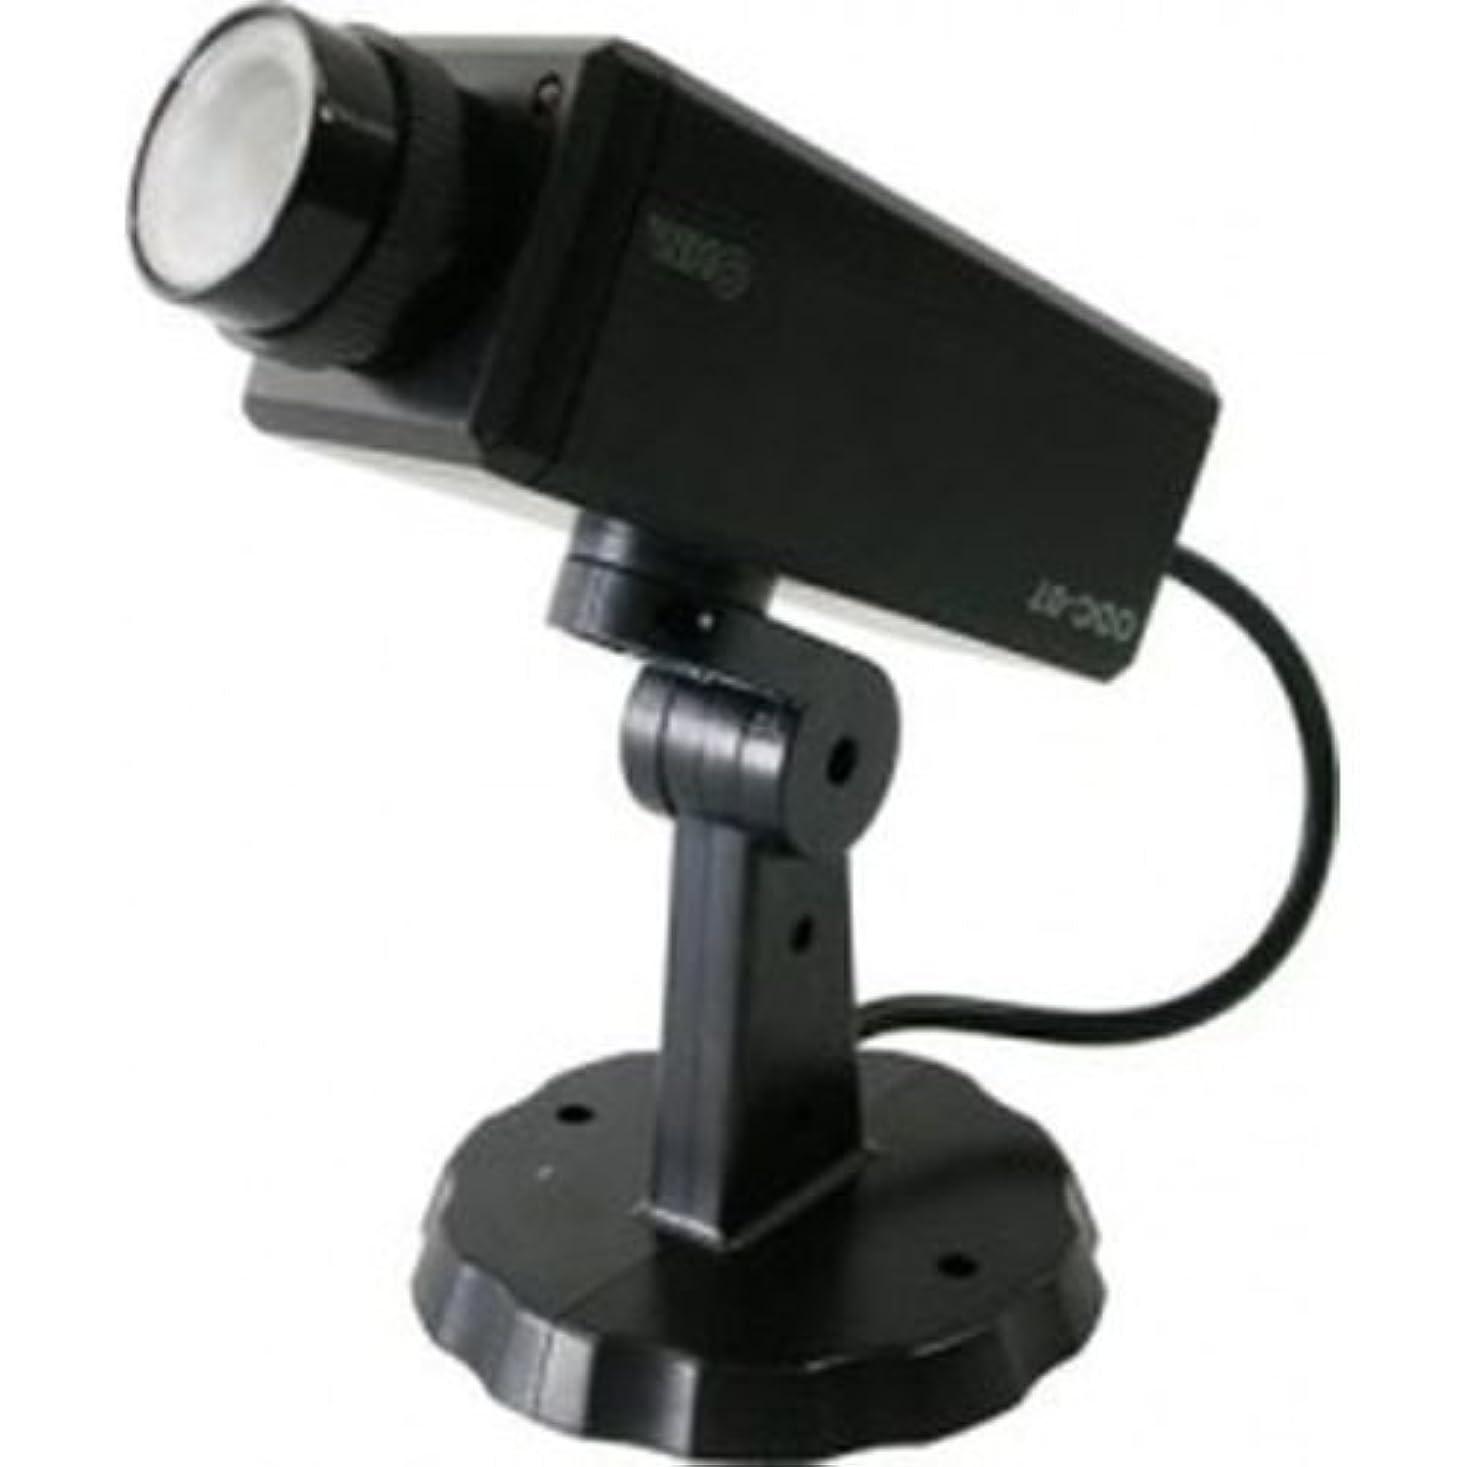 とんでもない海賊サバントOHM ダミーカメラ (07-4992)